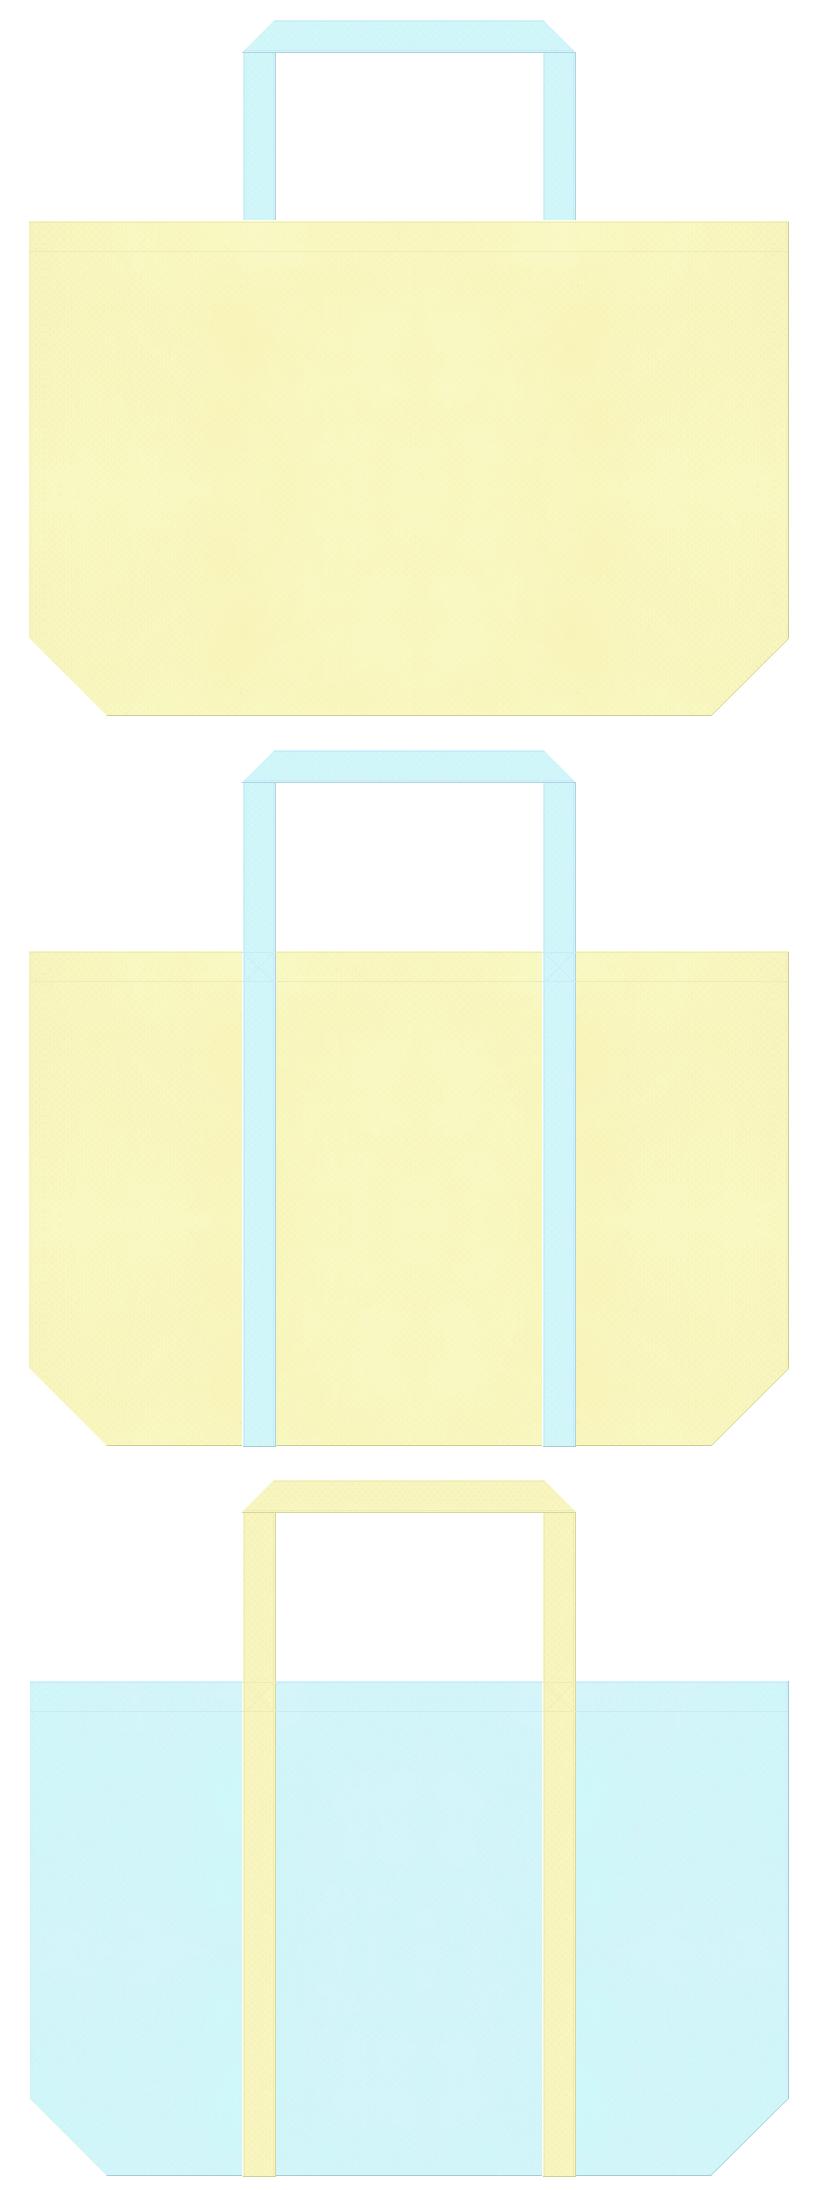 薄黄色と水色の不織布マイバッグデザイン。バス用品のショッピングバッグ・展示会用バッグにお奨めです。